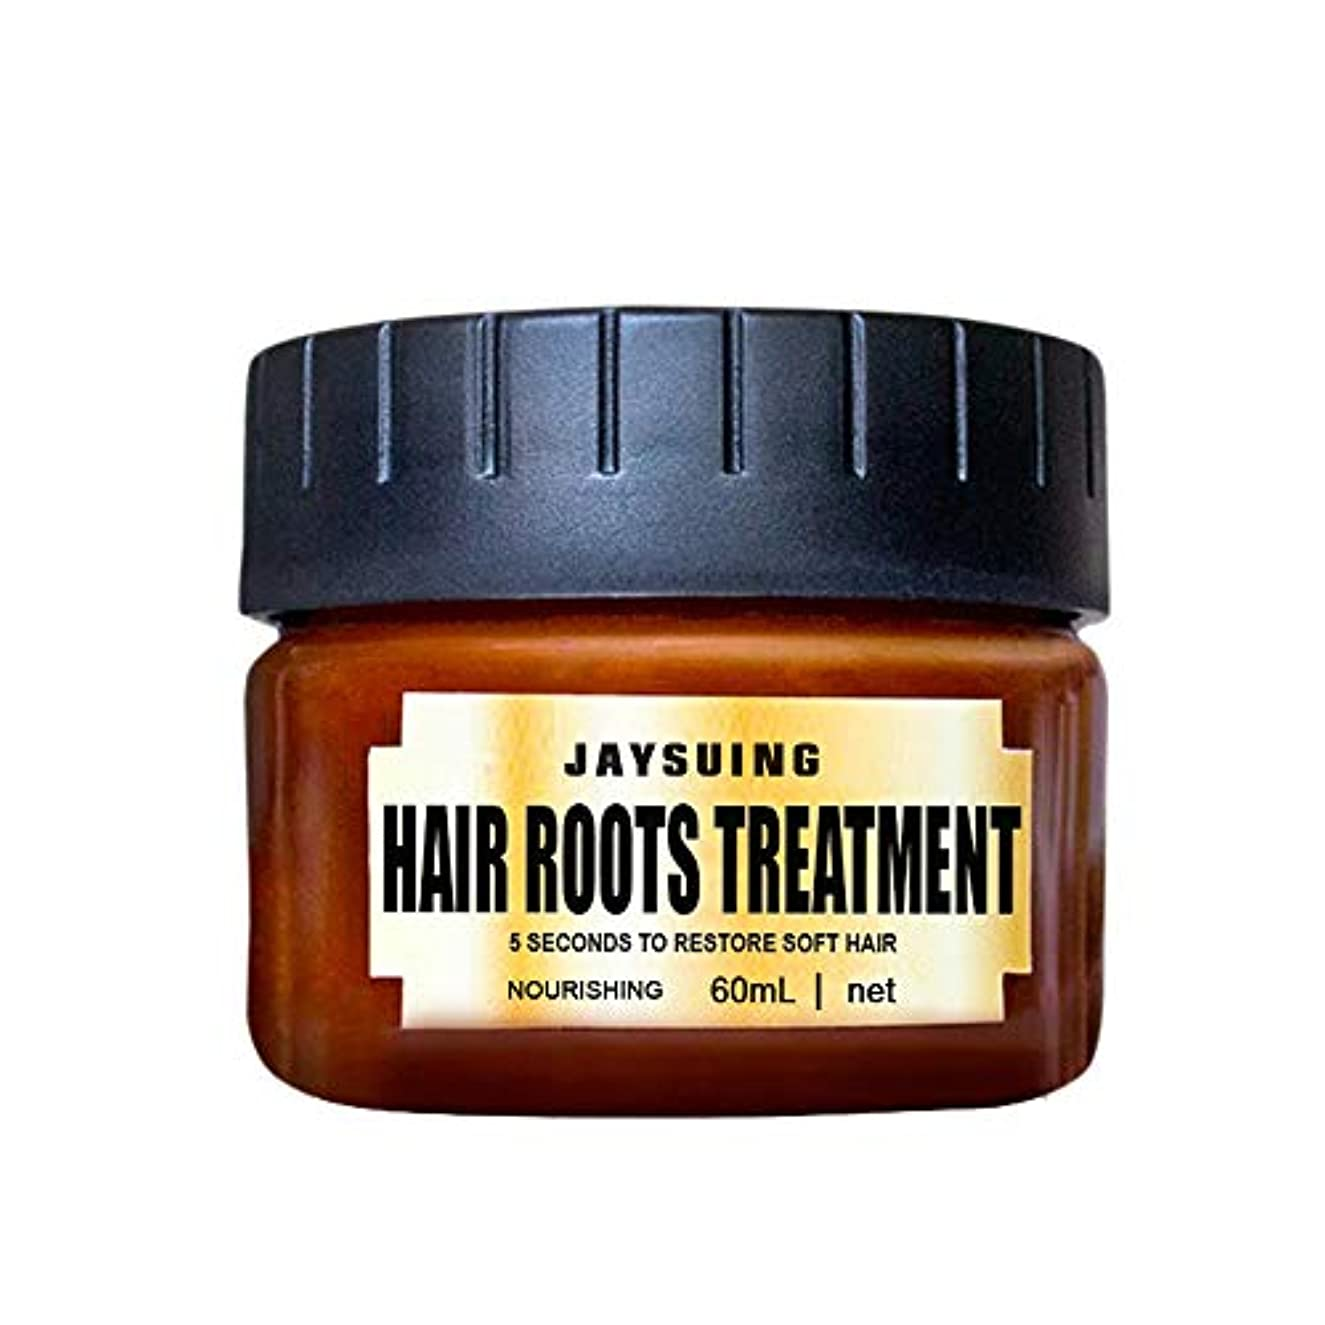 判読できない防水バターDOUJI天然植物成分 ヘアケア リッチリペア コンディショナー60mlダメージのある髪へ 髪の排毒ヘアマスク高度な分子毛根治療回復 髪の栄養素を補給トリートメント